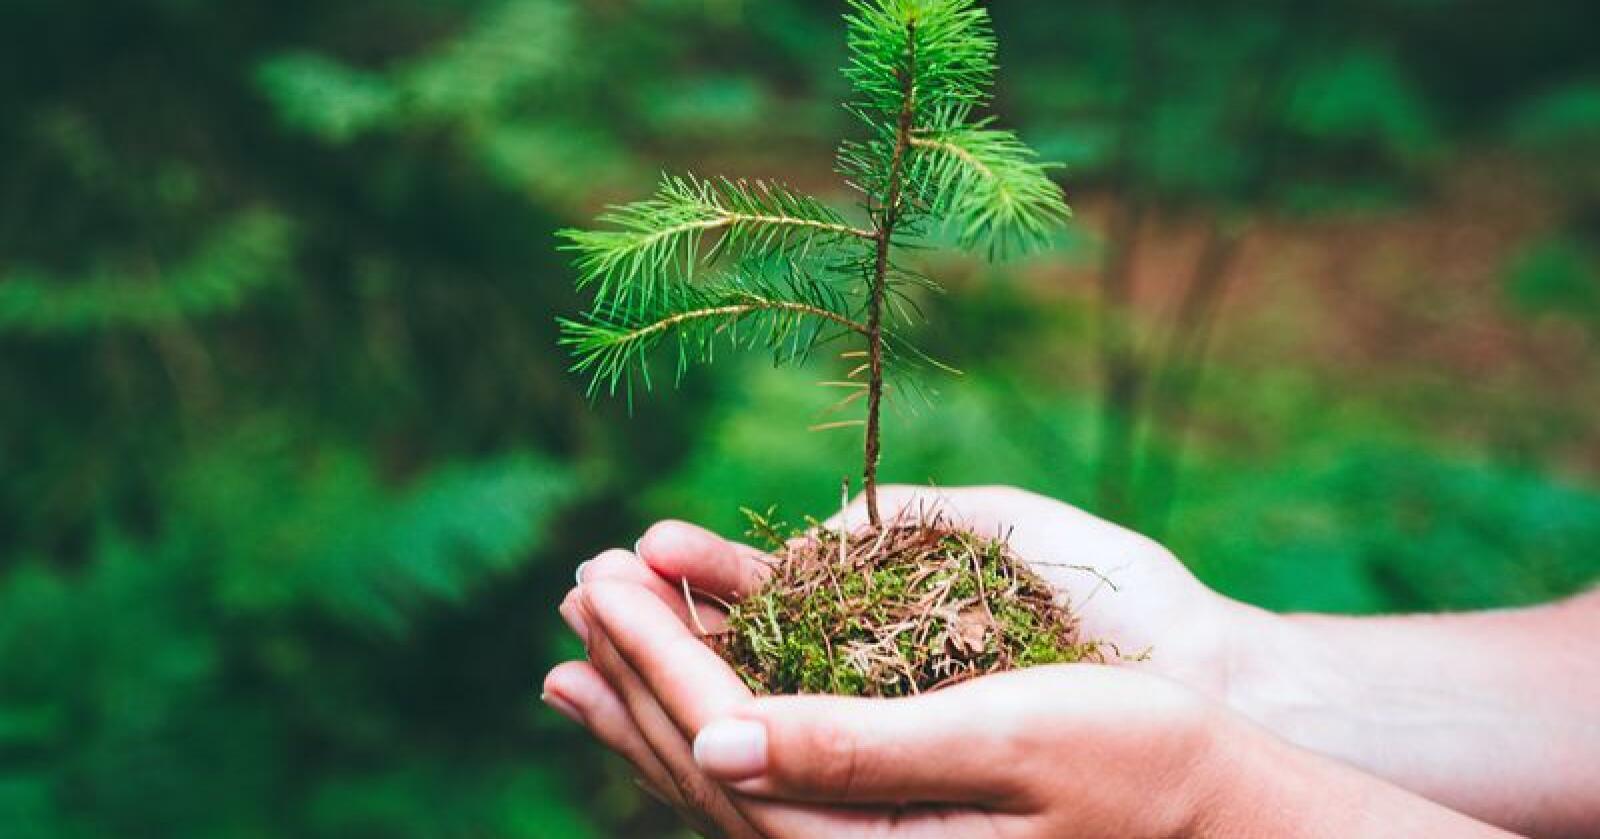 Skogen har et enormt potensial for å bli enda viktigere for norsk verdiskaping og arbeidsplasser, skriver sjefredaktør Irene Halvorsen i Nationen. Foto: Mostphotos